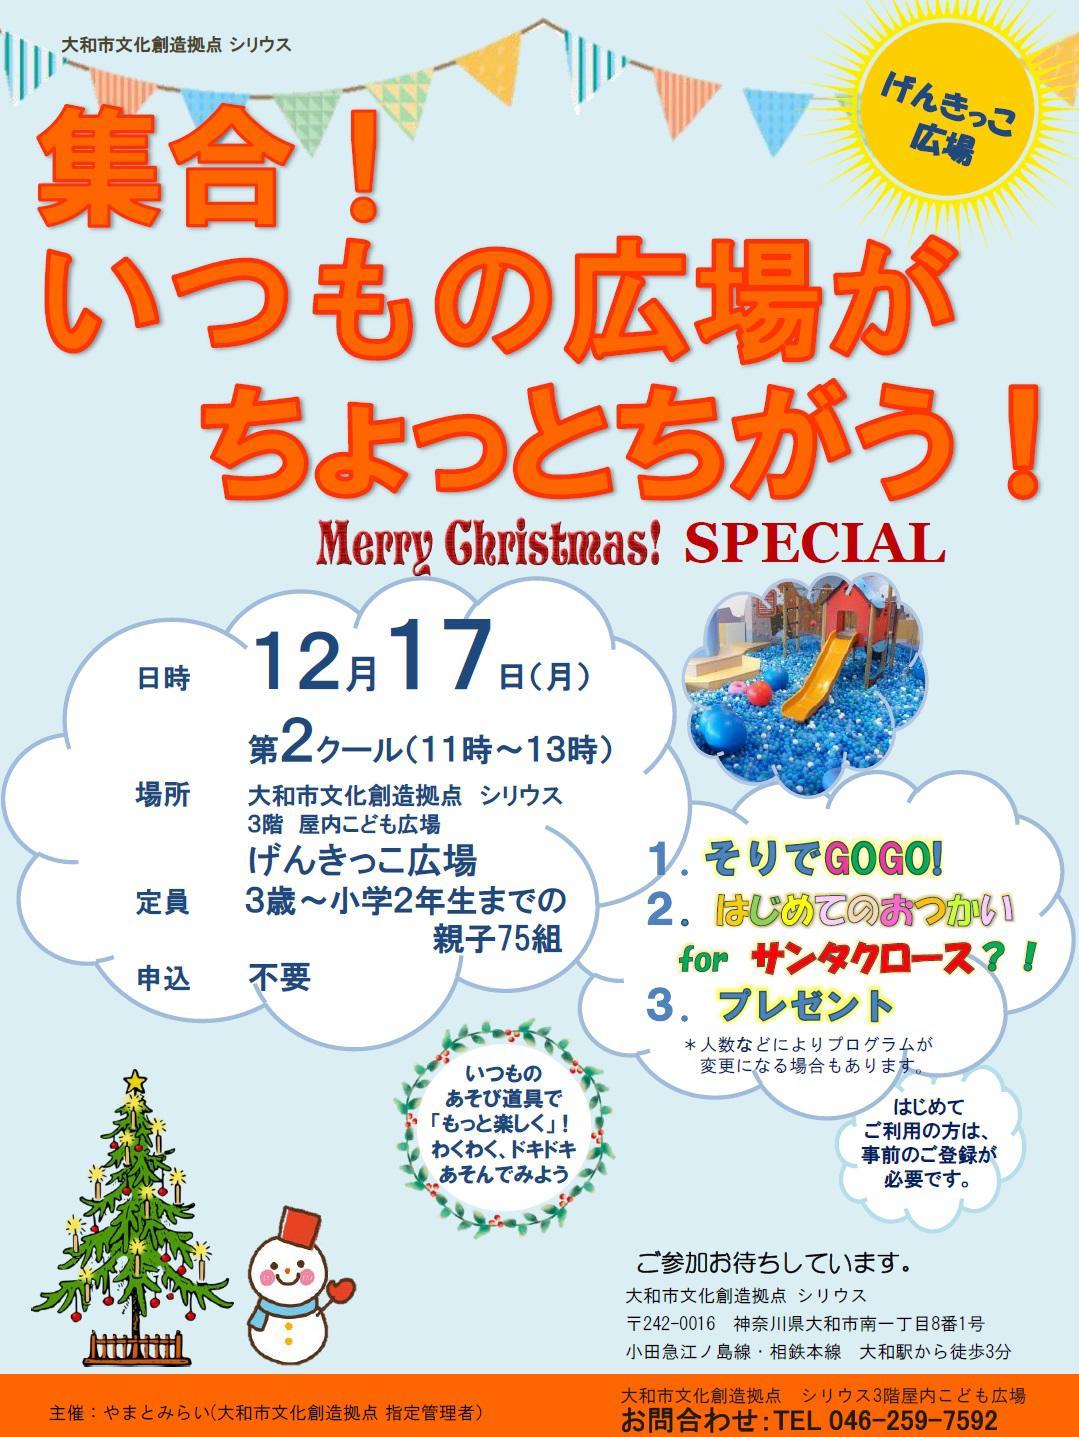 集合!いつもの広場がちょっとちがう!Merry Christmas!SPECIAL